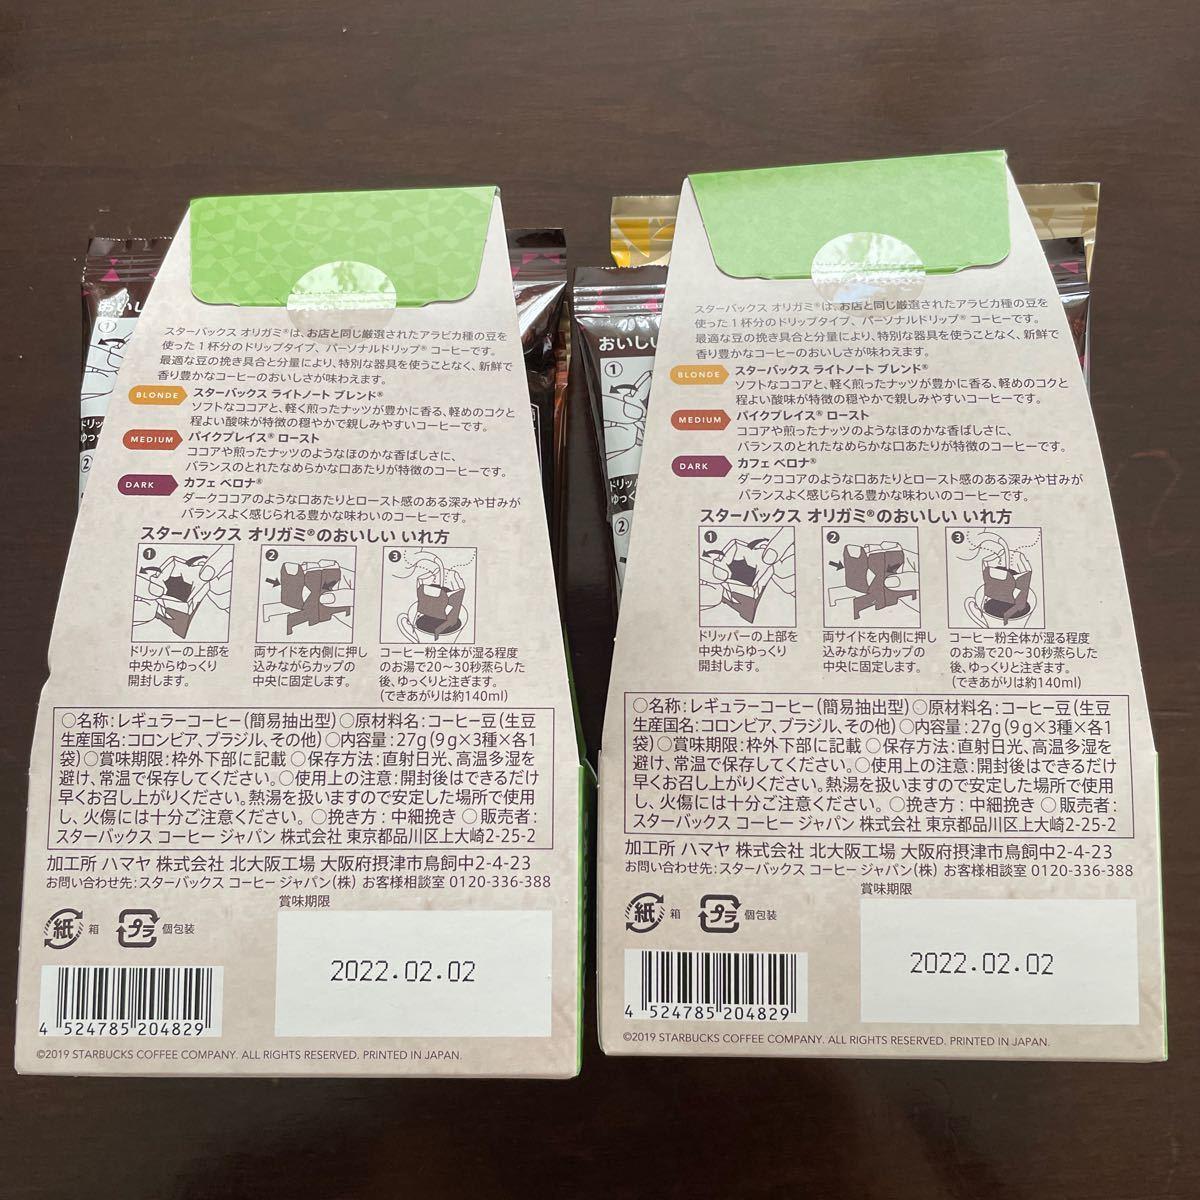 スターバックス スタバ ドリップコーヒー スターバックスオリガミ パーソナル オリガミ